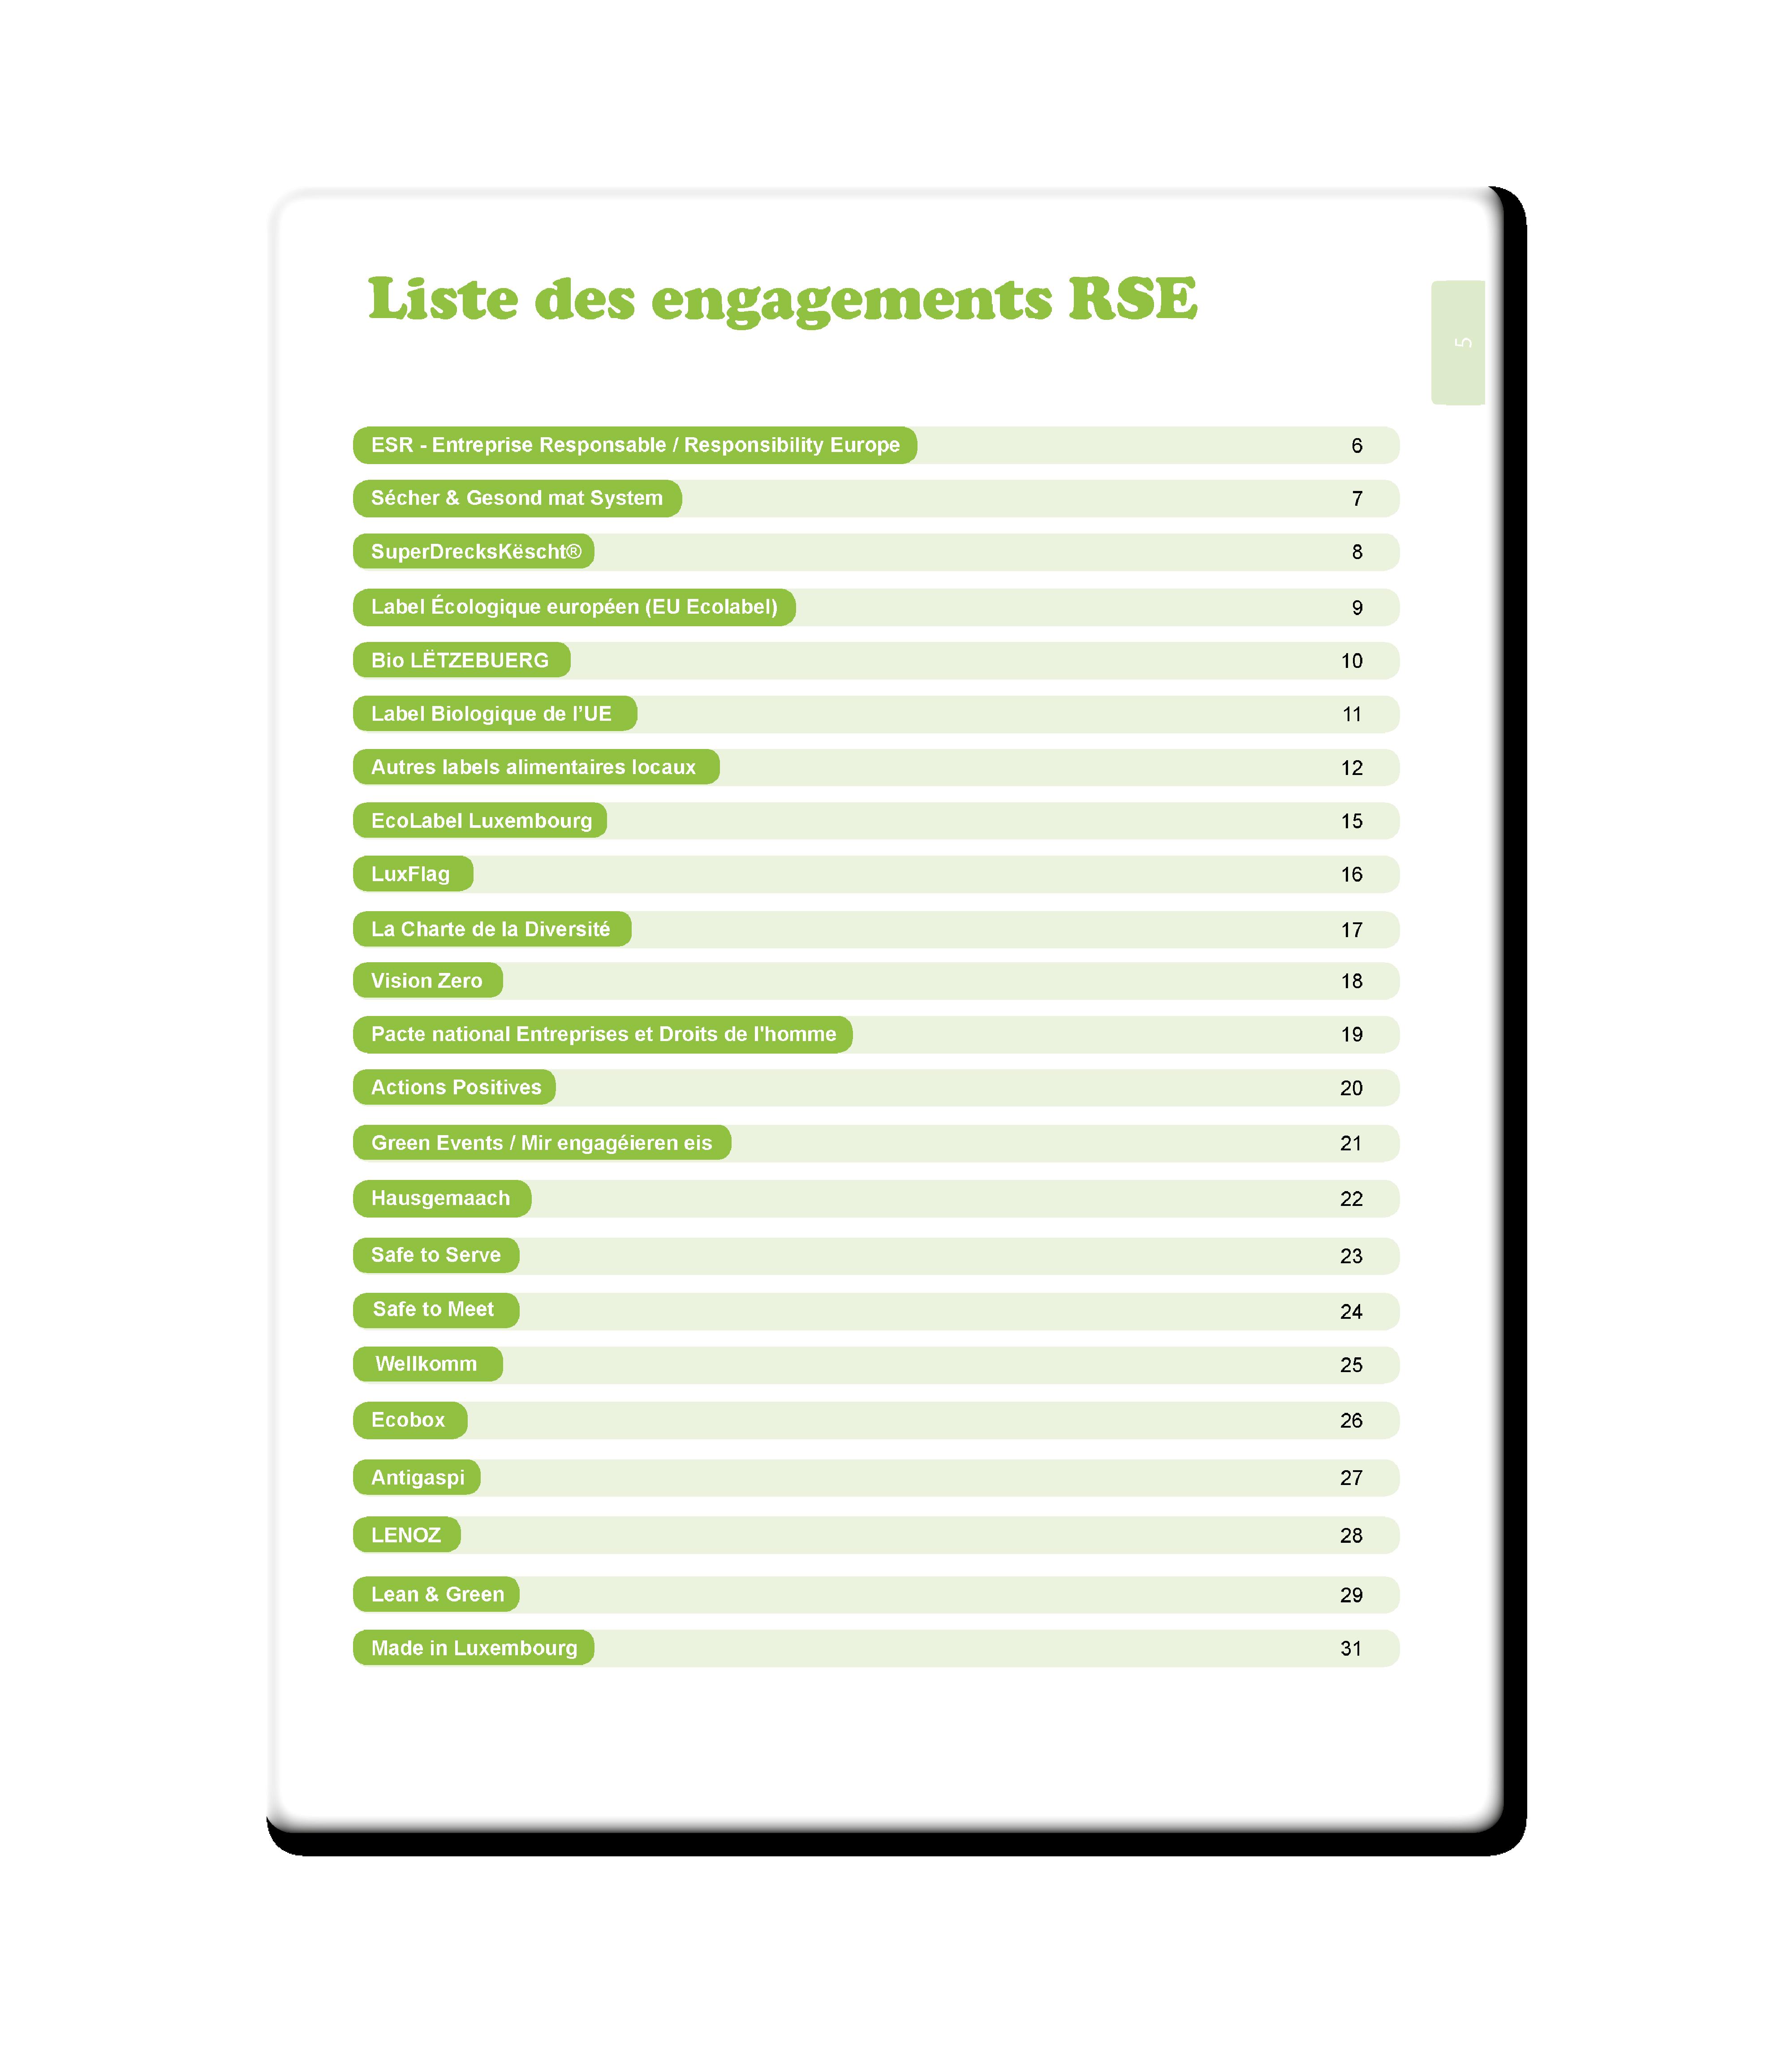 Liste des engagements RSE 1 - Resources